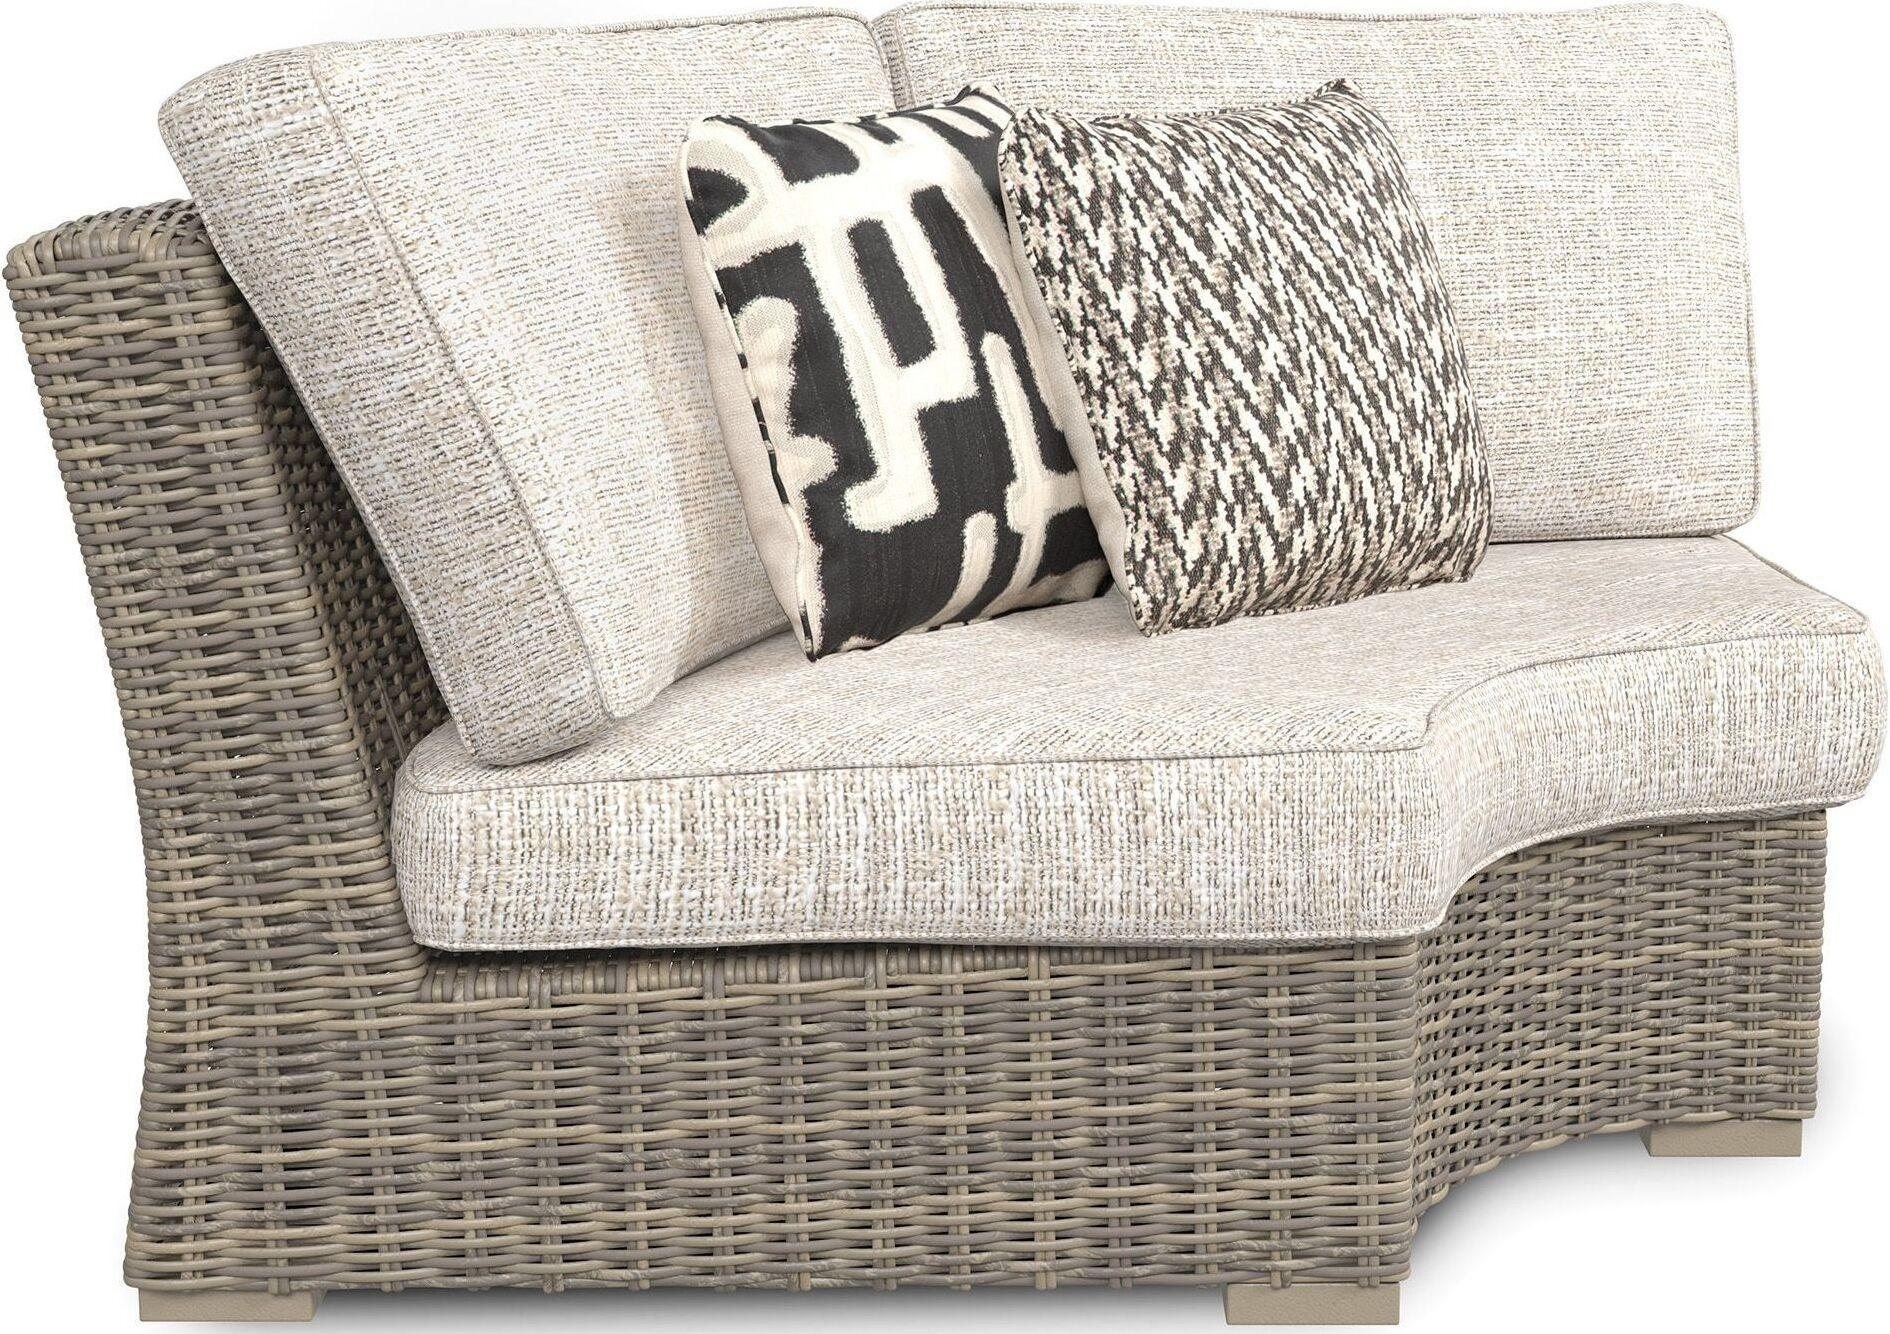 Beachcroft Beige Outdoor Sectional - 1StopBedrooms. on Beachcroft Beige Outdoor Living Room Set  id=56817